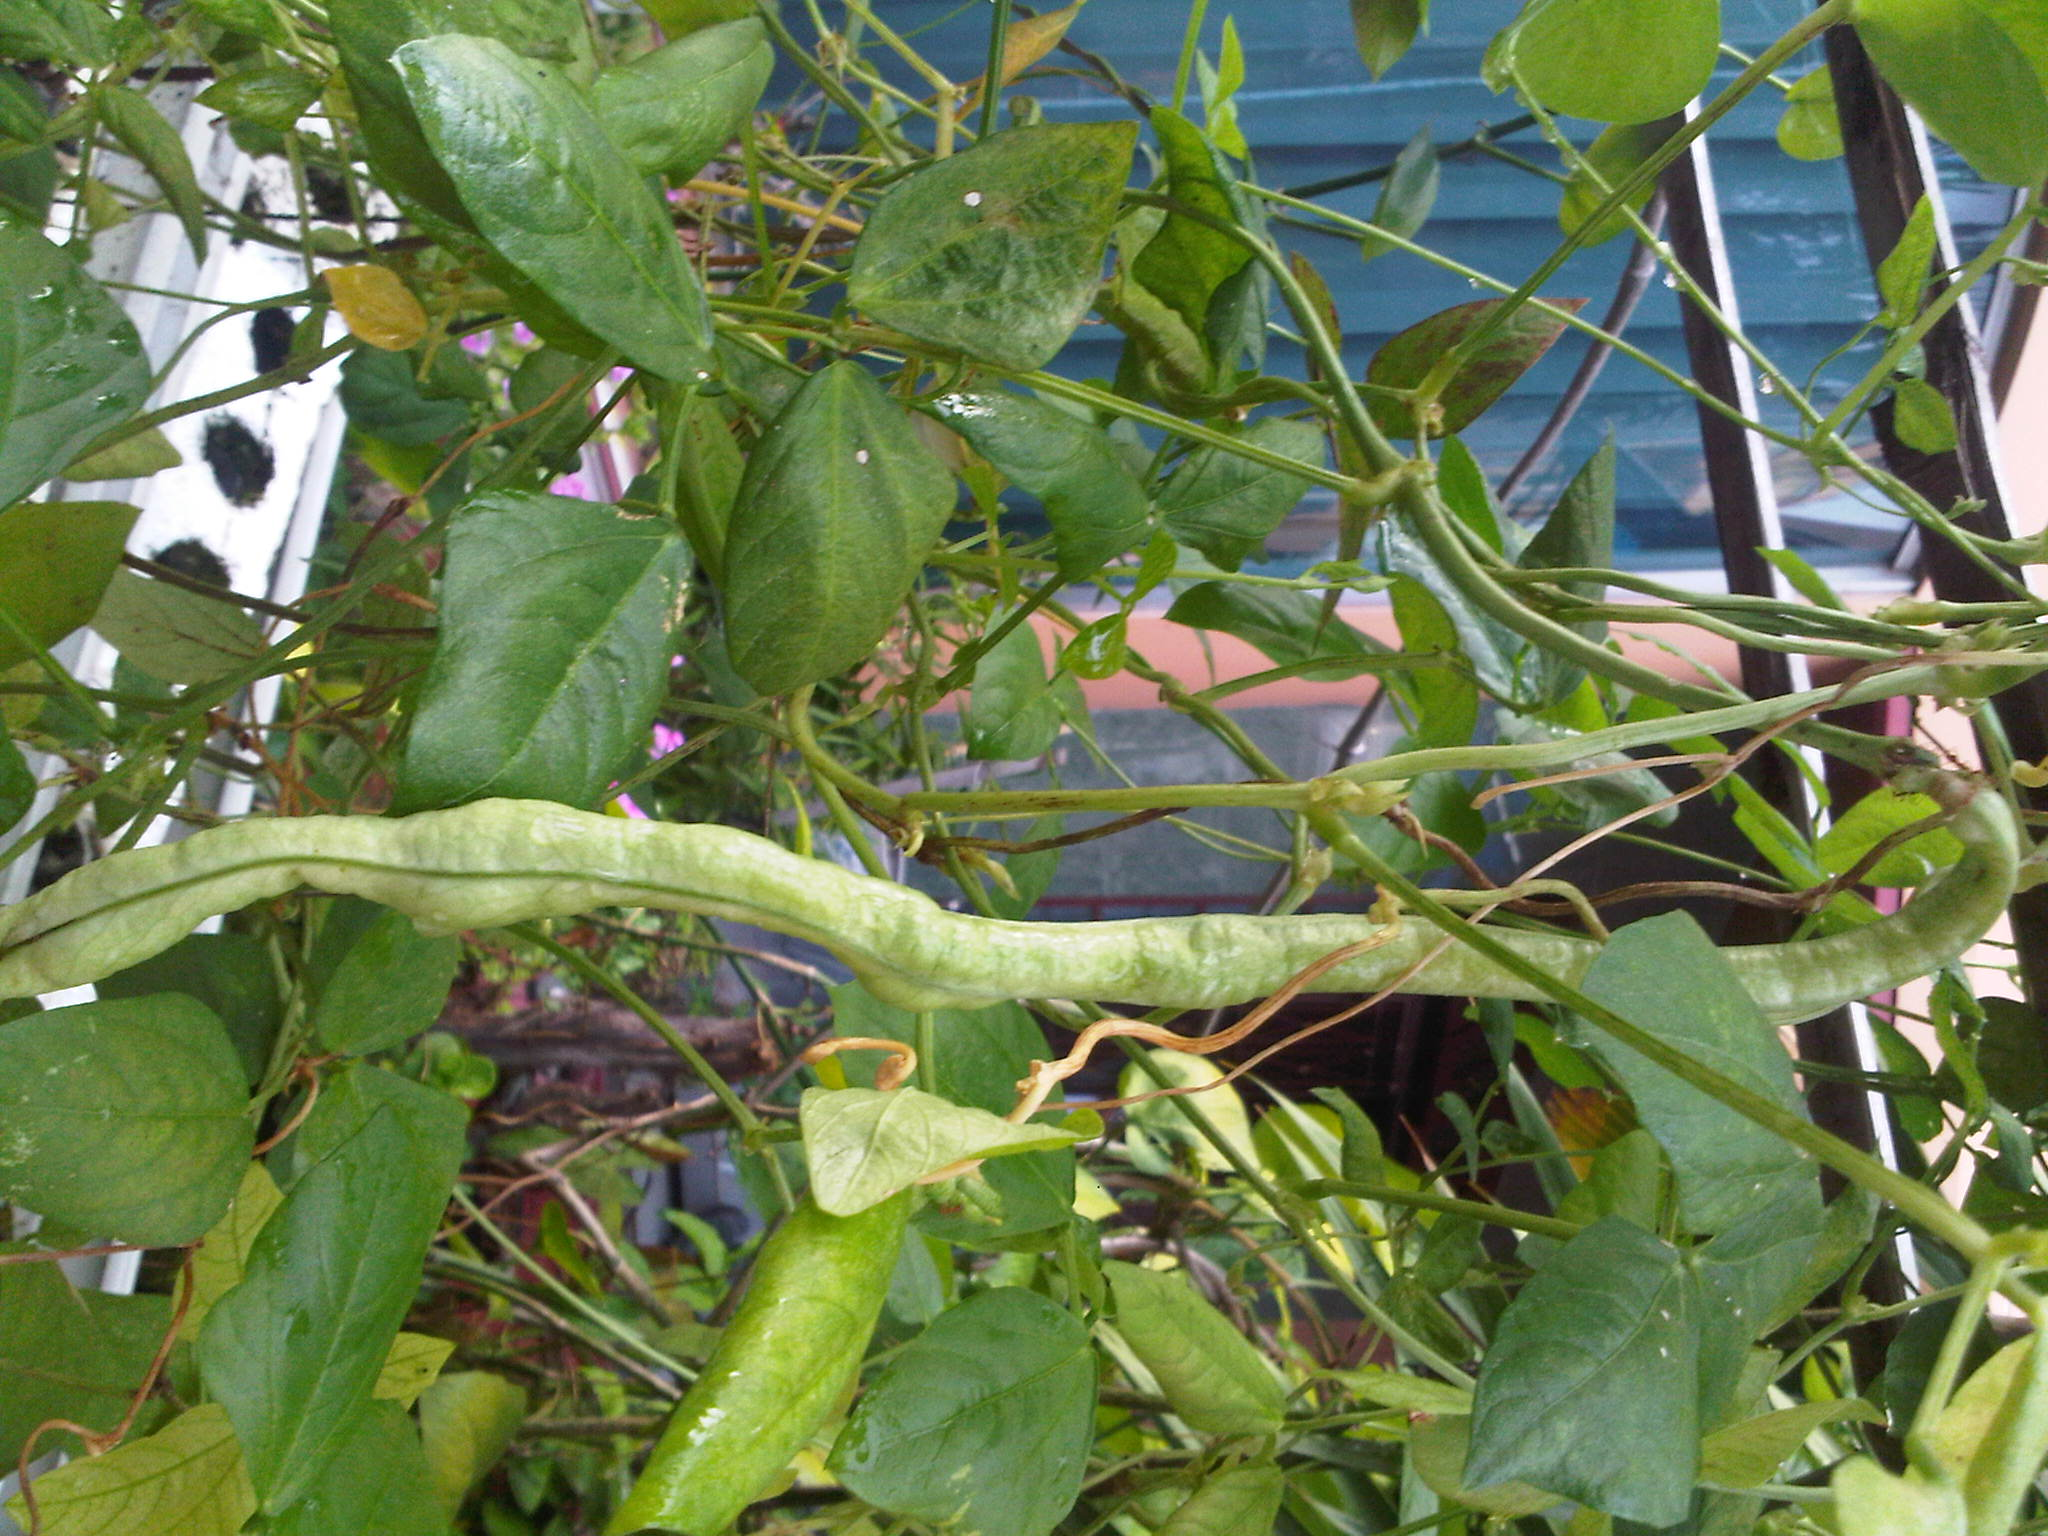 Kacang Panjang Hidroponik Telah Siap Utk Dipanen Rasanya Manis Dan